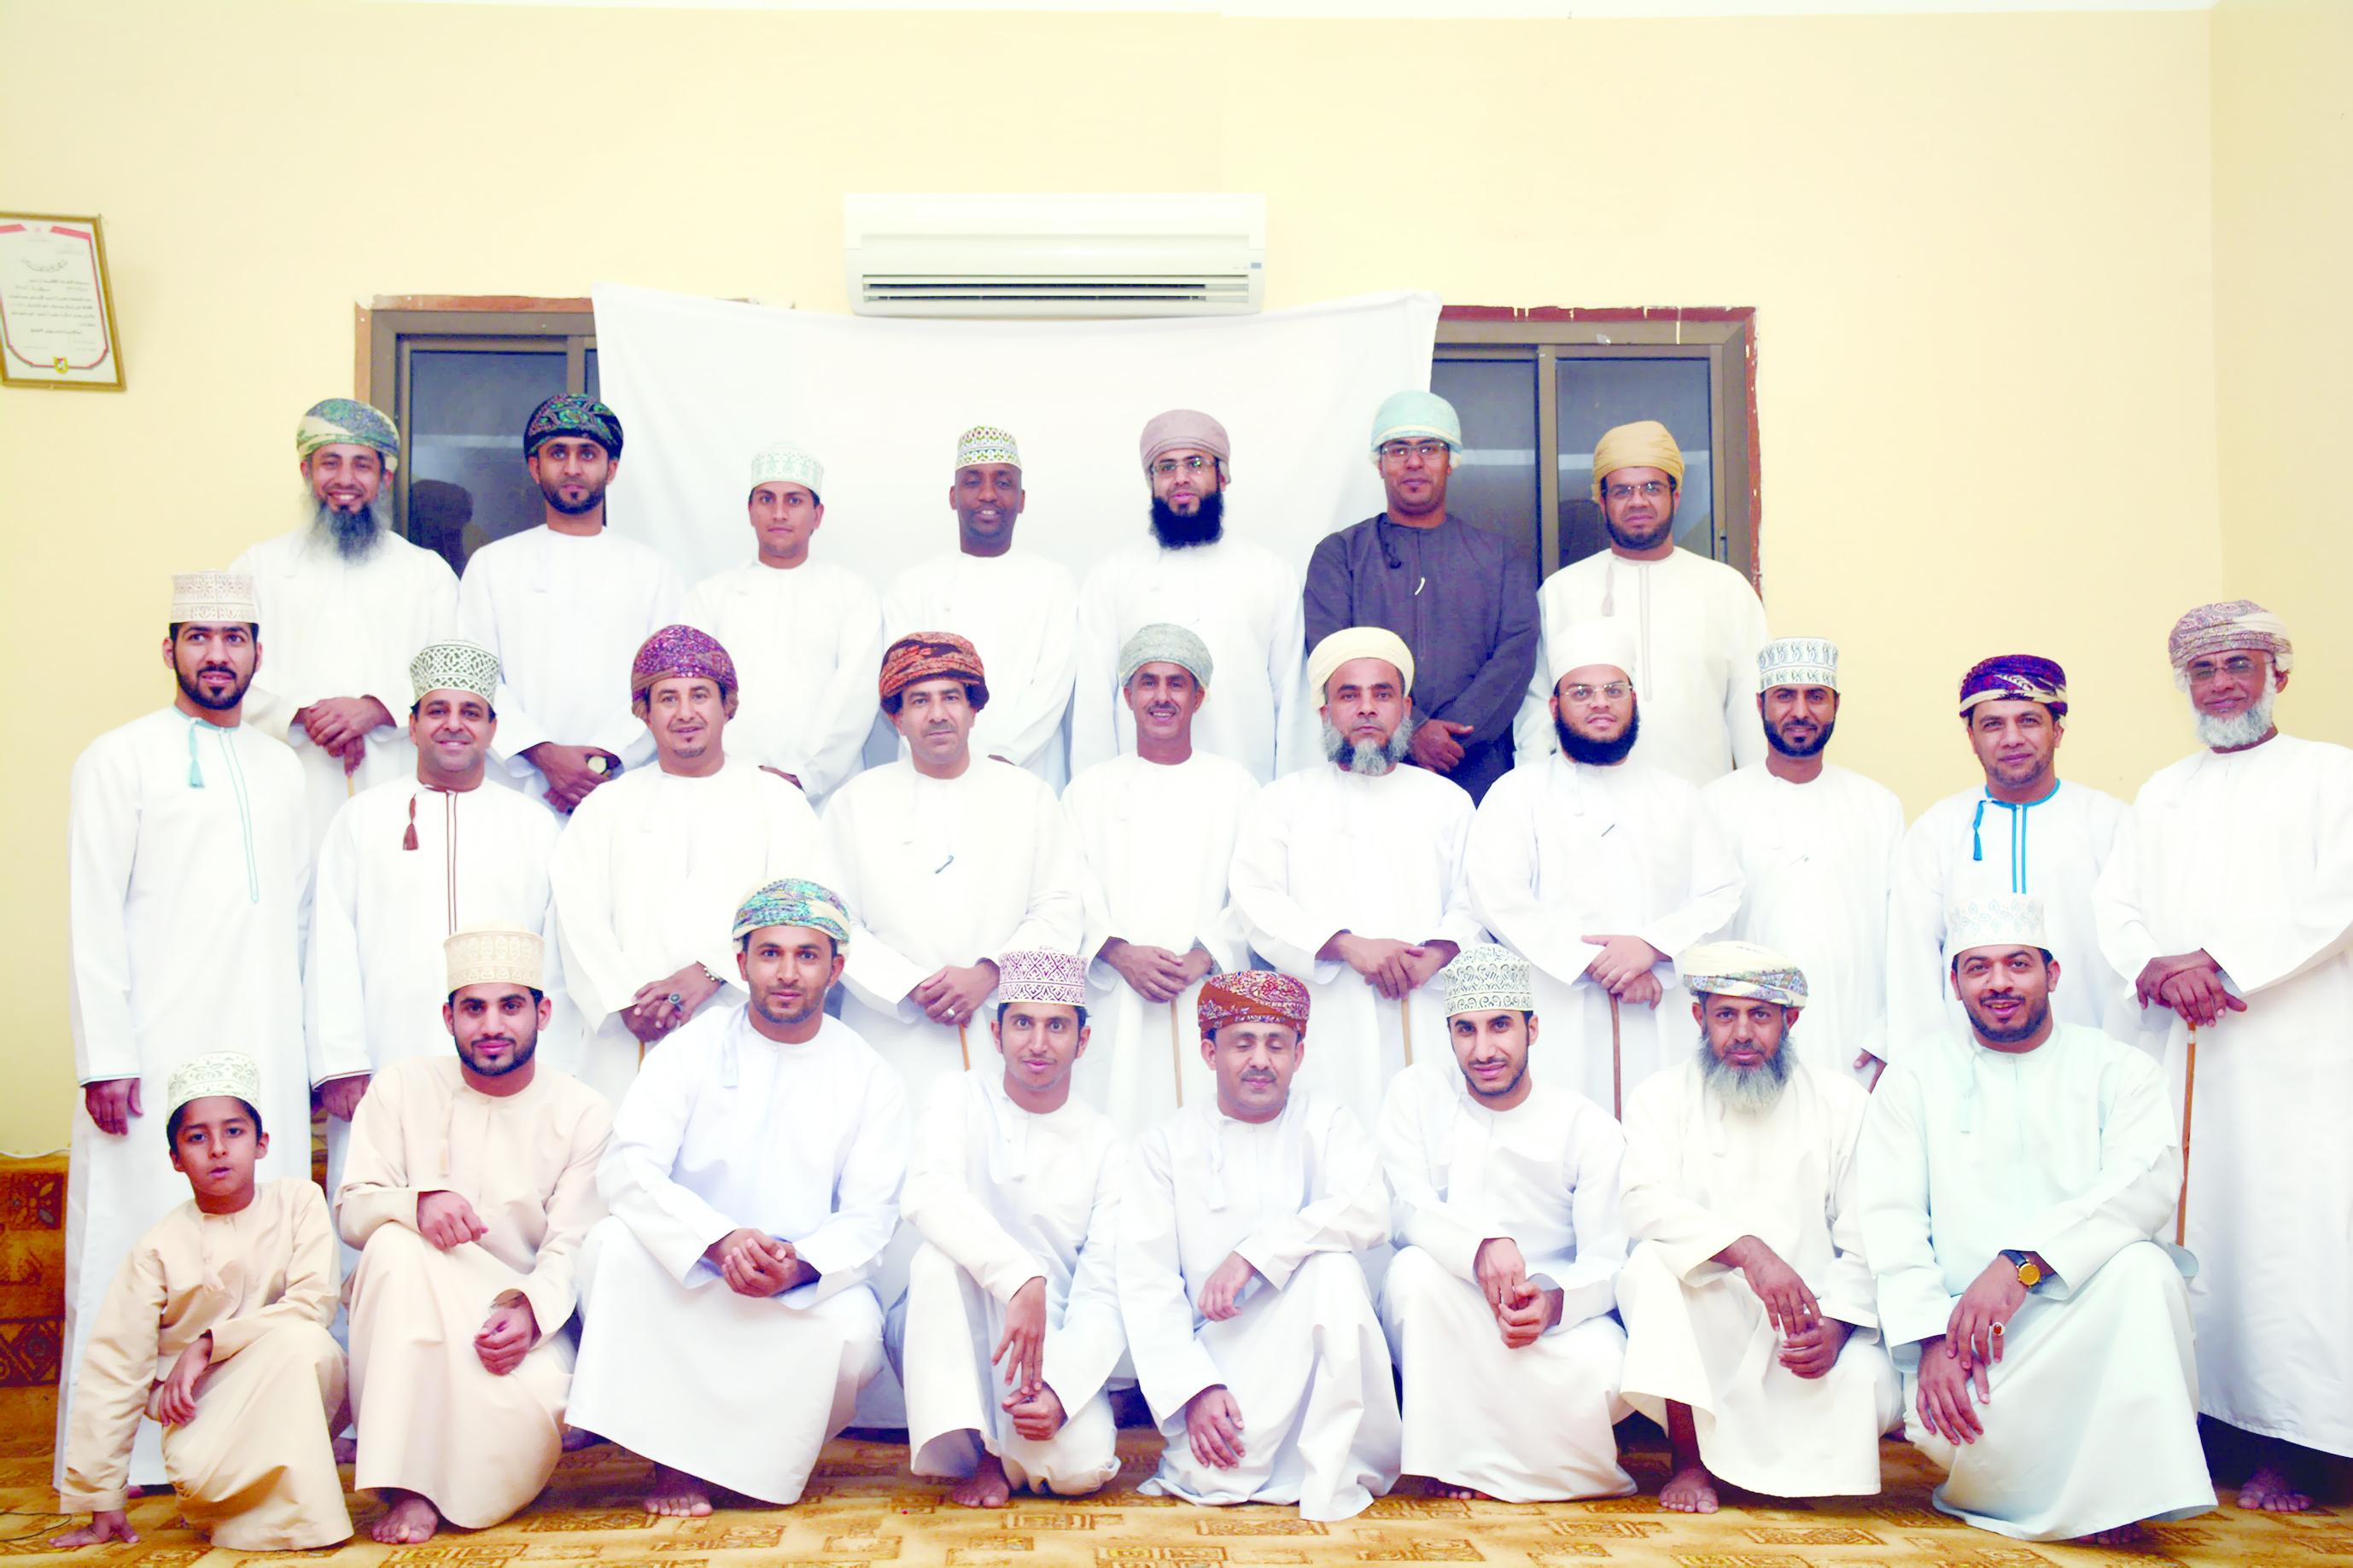 فرقة مسرح شباب عمان تعرض مسرحية «السلامة المرورية مسؤولية الجميع»